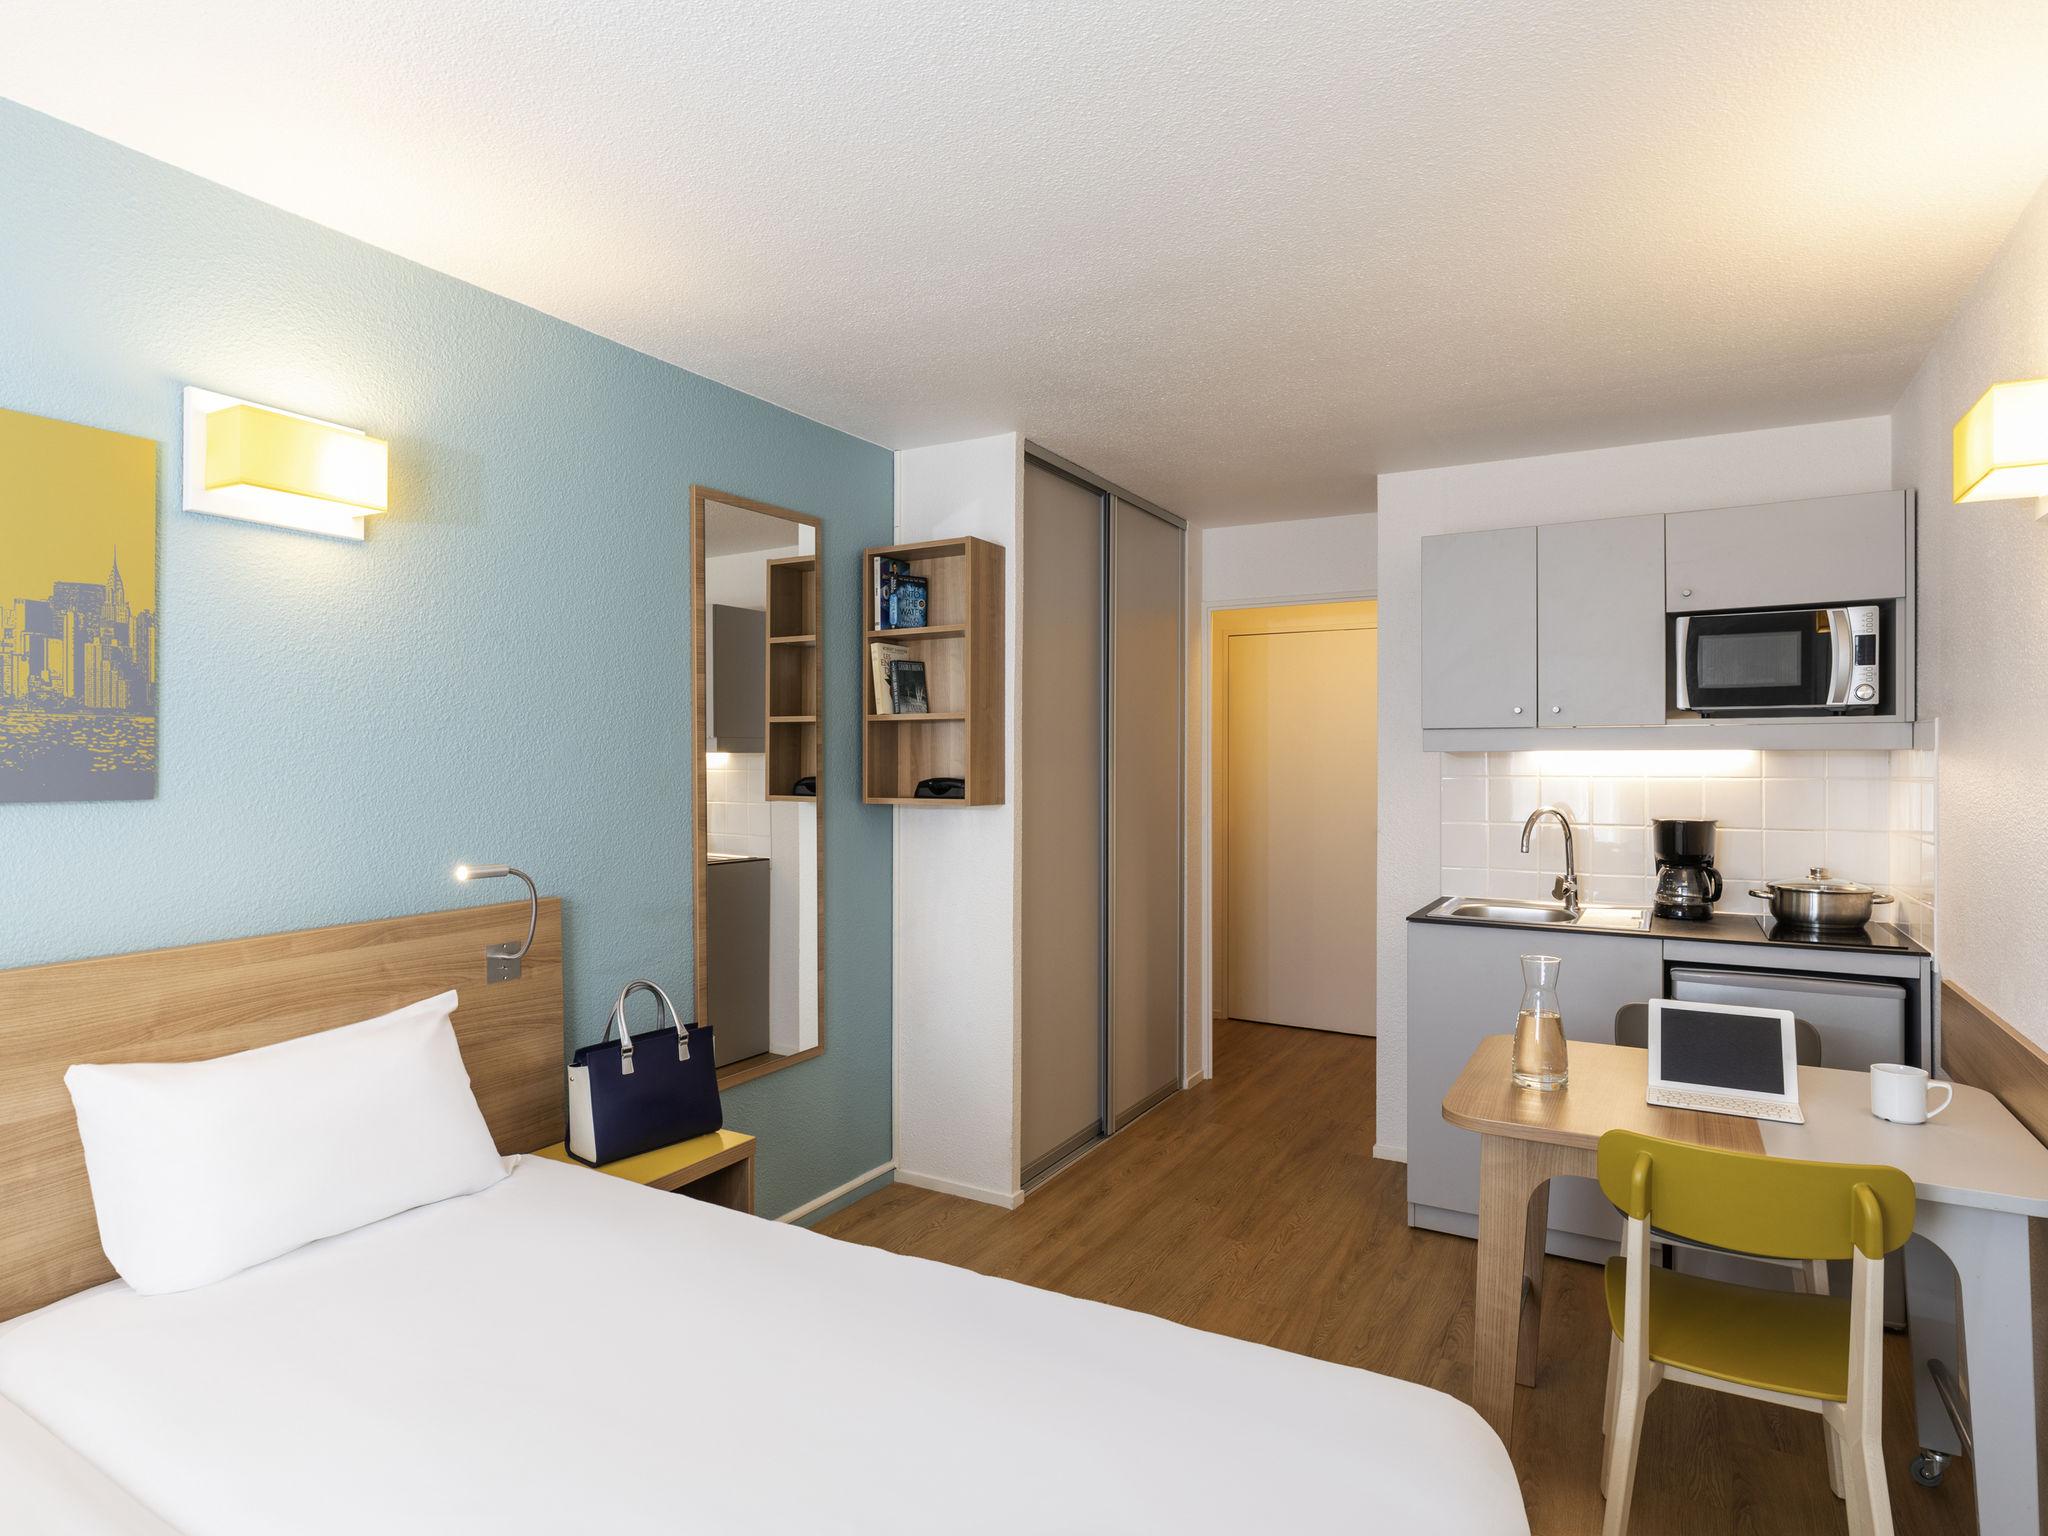 酒店 – 阿德吉奥阿克瑟斯拉德芳斯查拉斯公寓式酒店